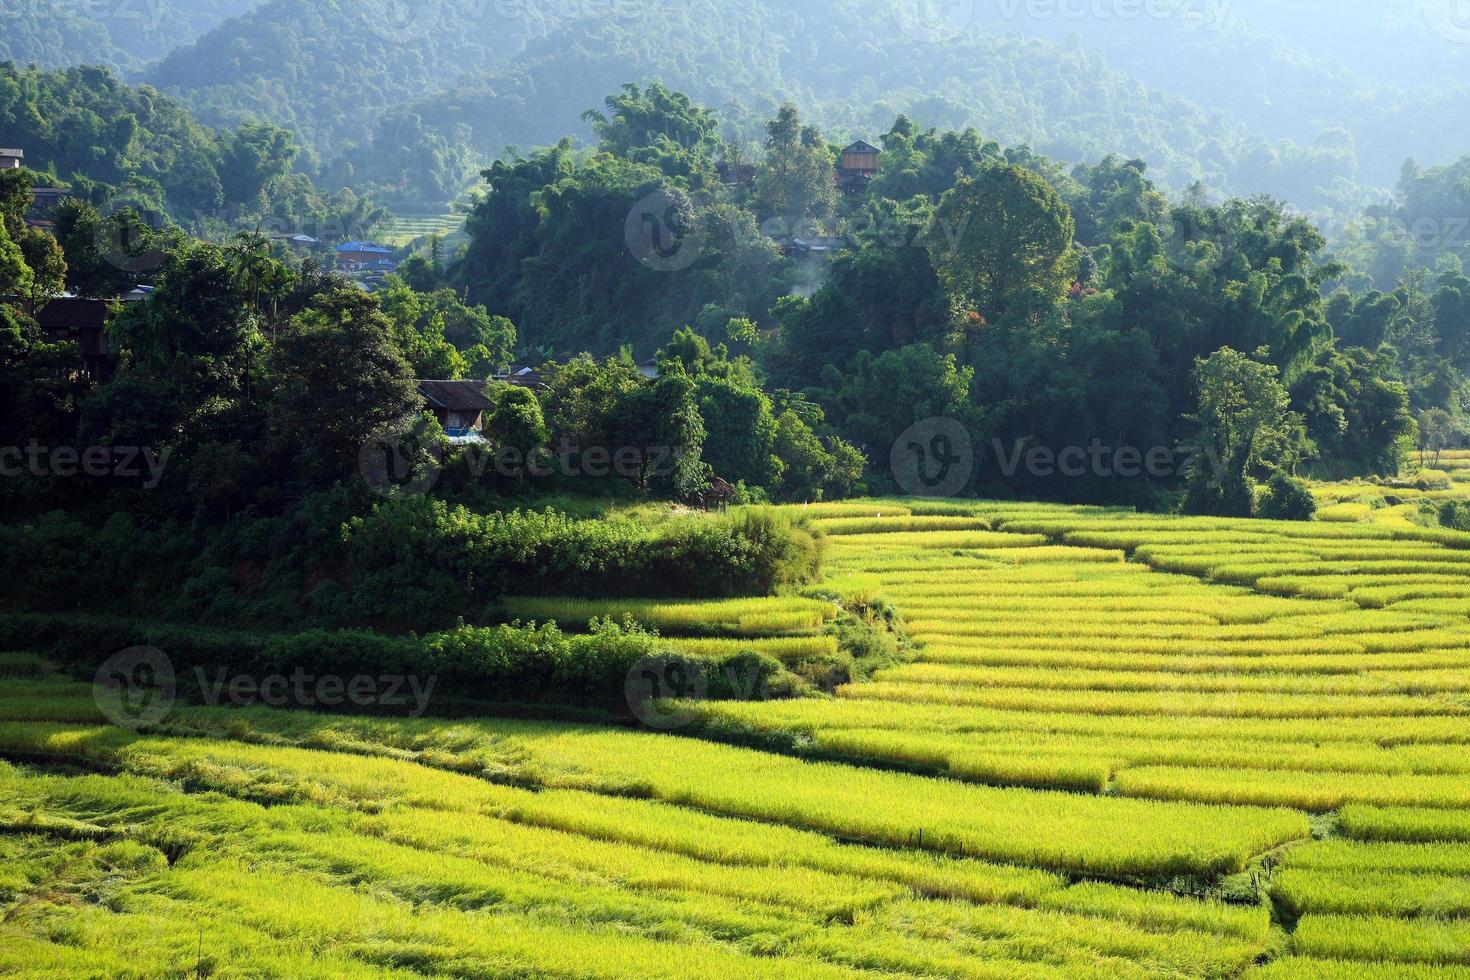 campo de arroz en terrazas en el campo, Chiang Mai, Tailandia foto